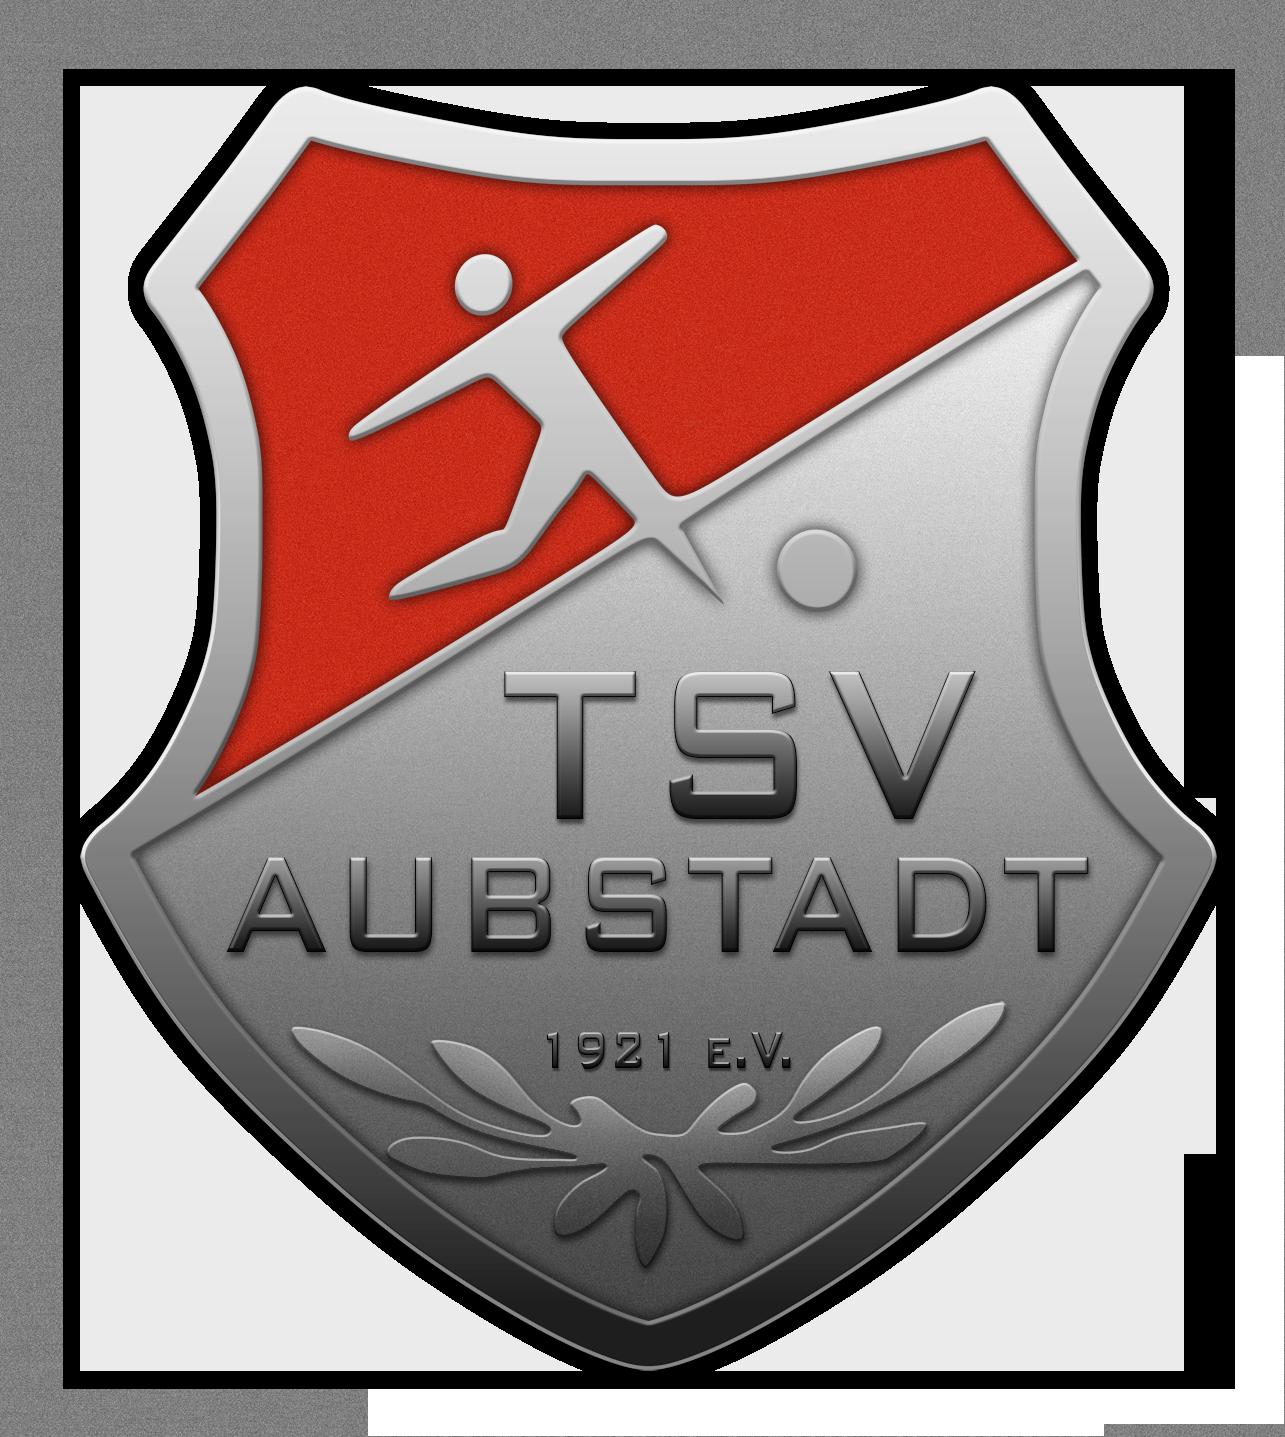 TSV Aubstadt e. V.